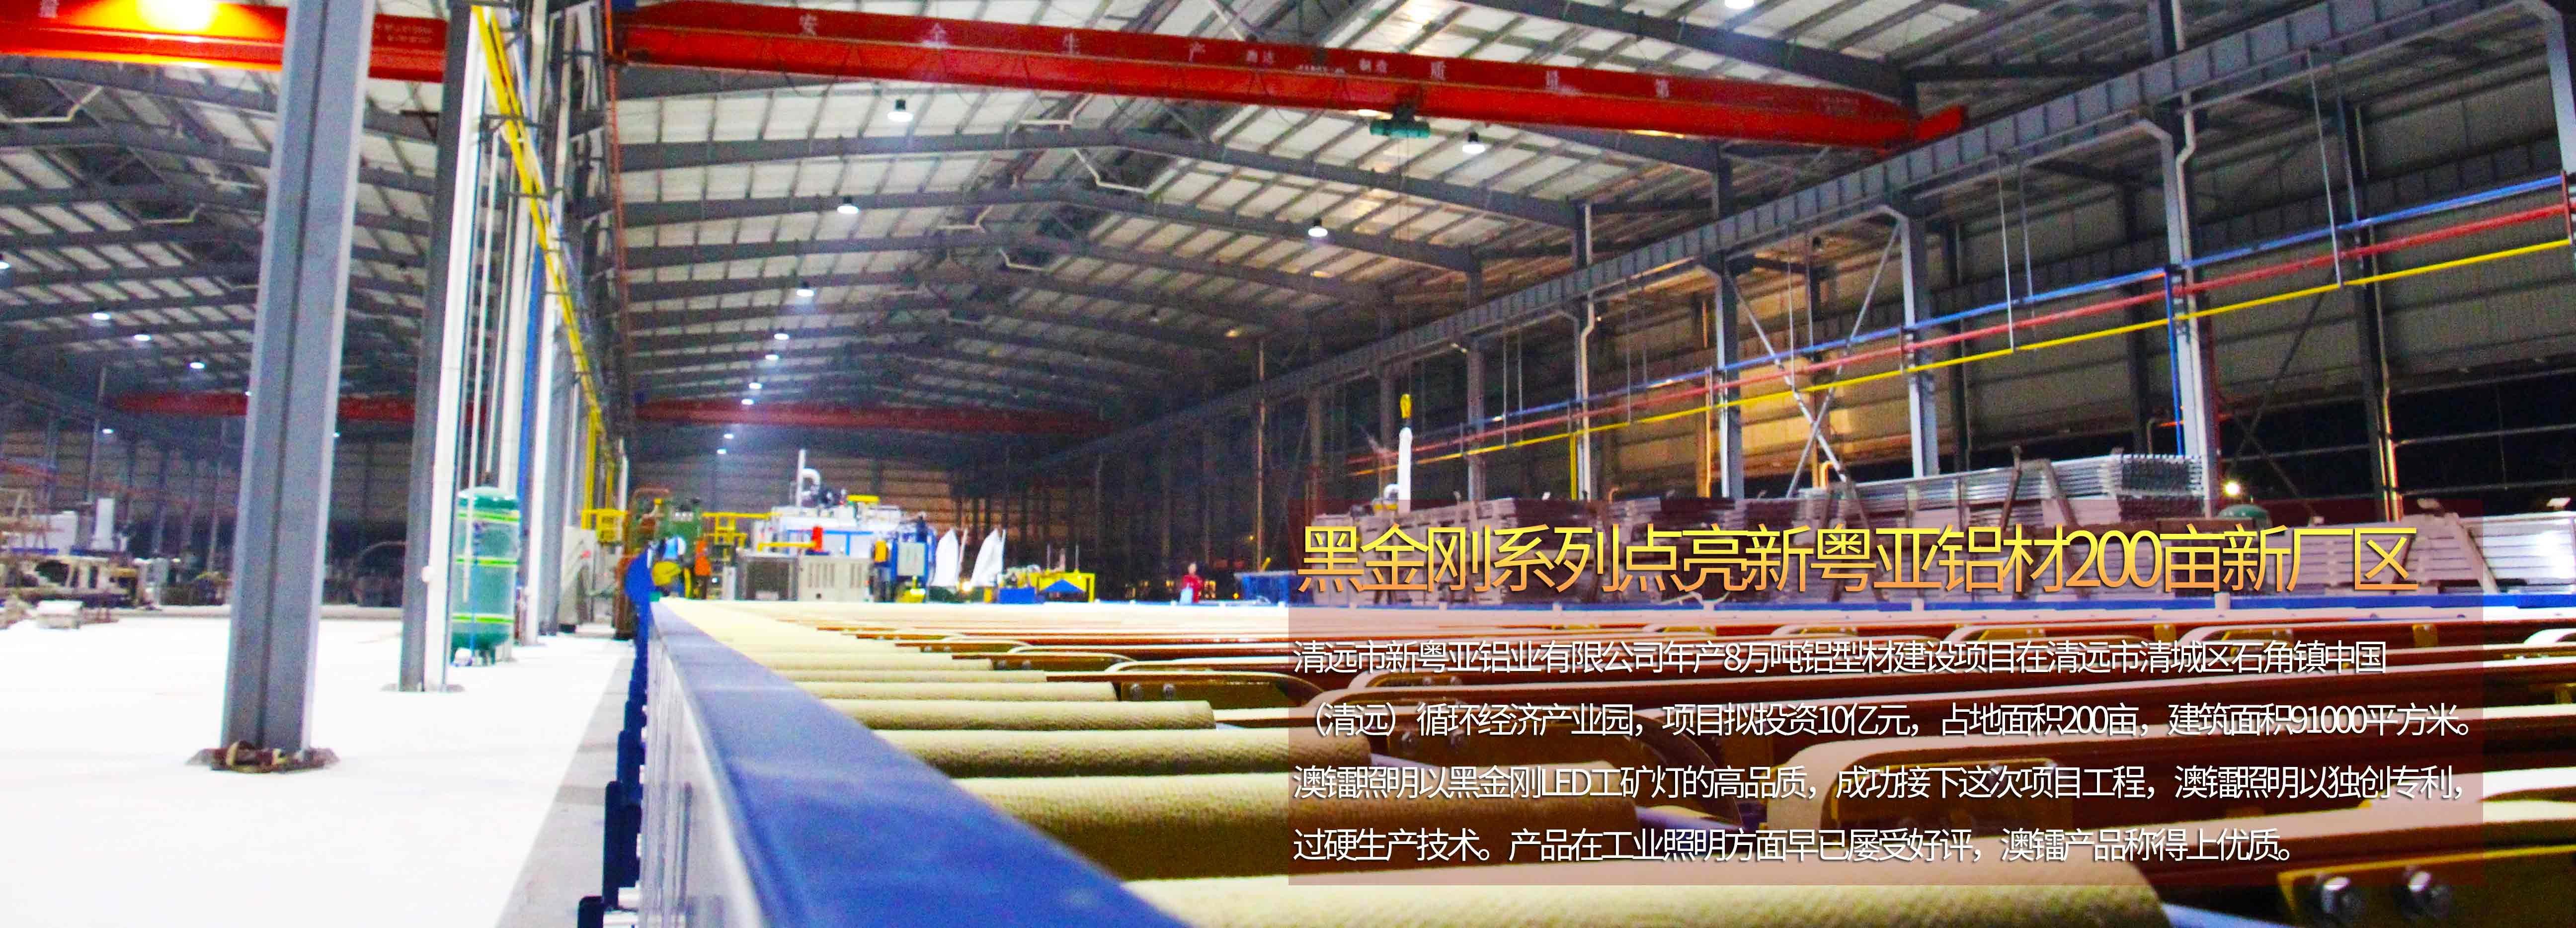 广东澳镭照明鳞片式黑金刚LED工矿灯进驻新粤亚铝材清远新厂房